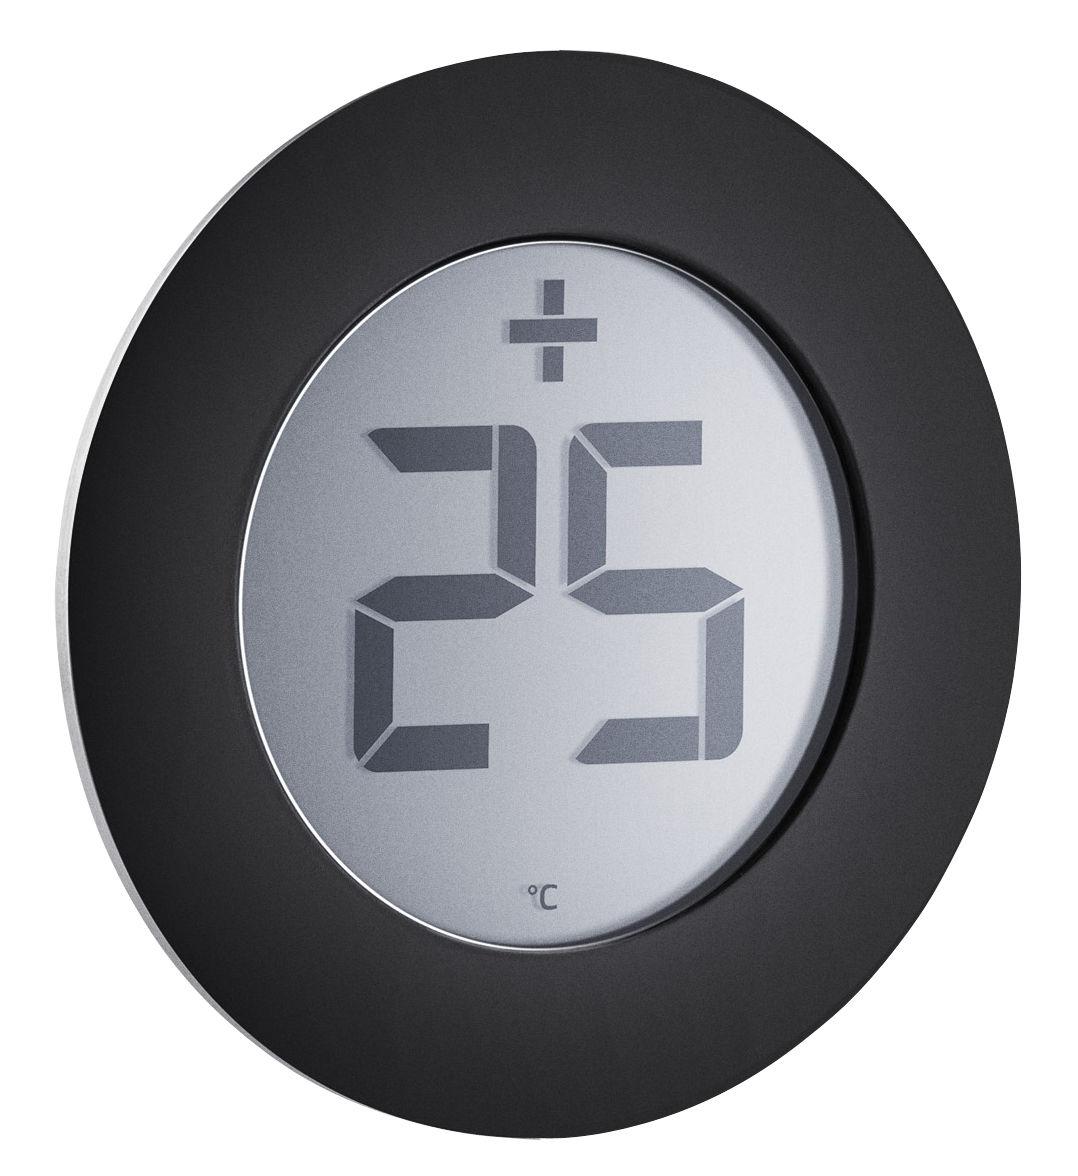 Thermom tre digital d 39 ext rieur autocollant pour for Thermometre digital exterieur